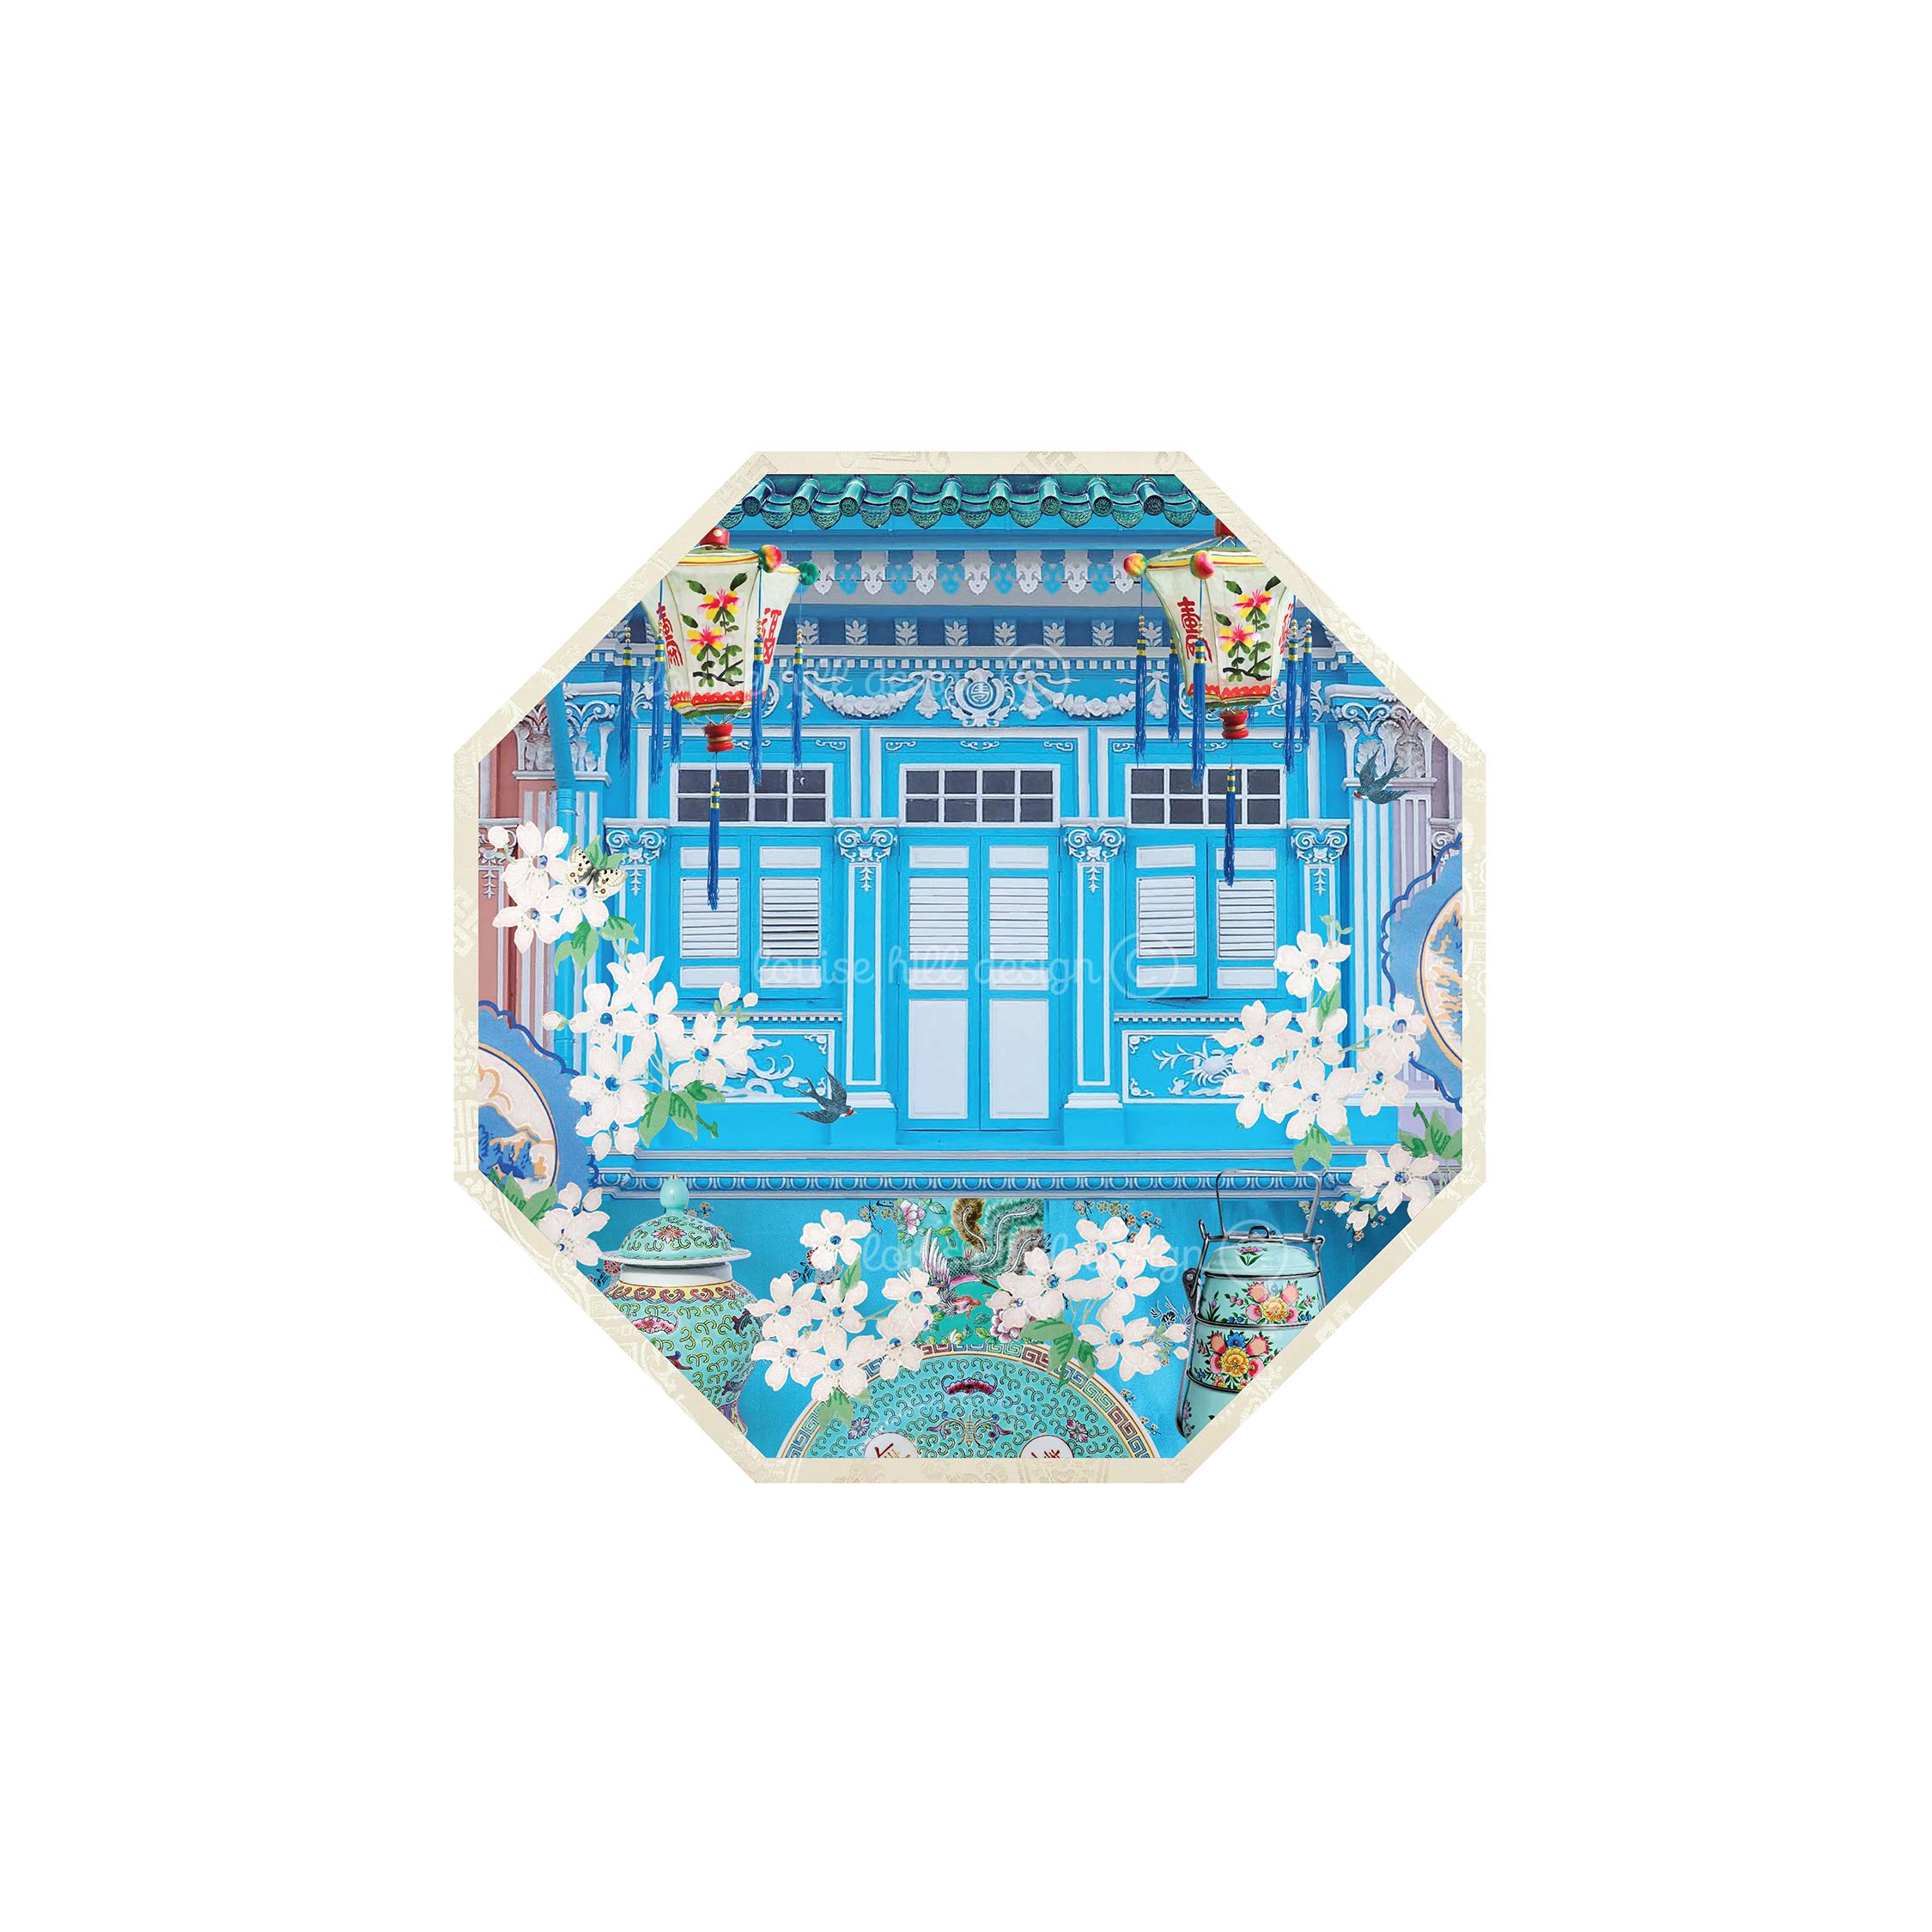 LITTLE-BLUE-SHOPHOUSE